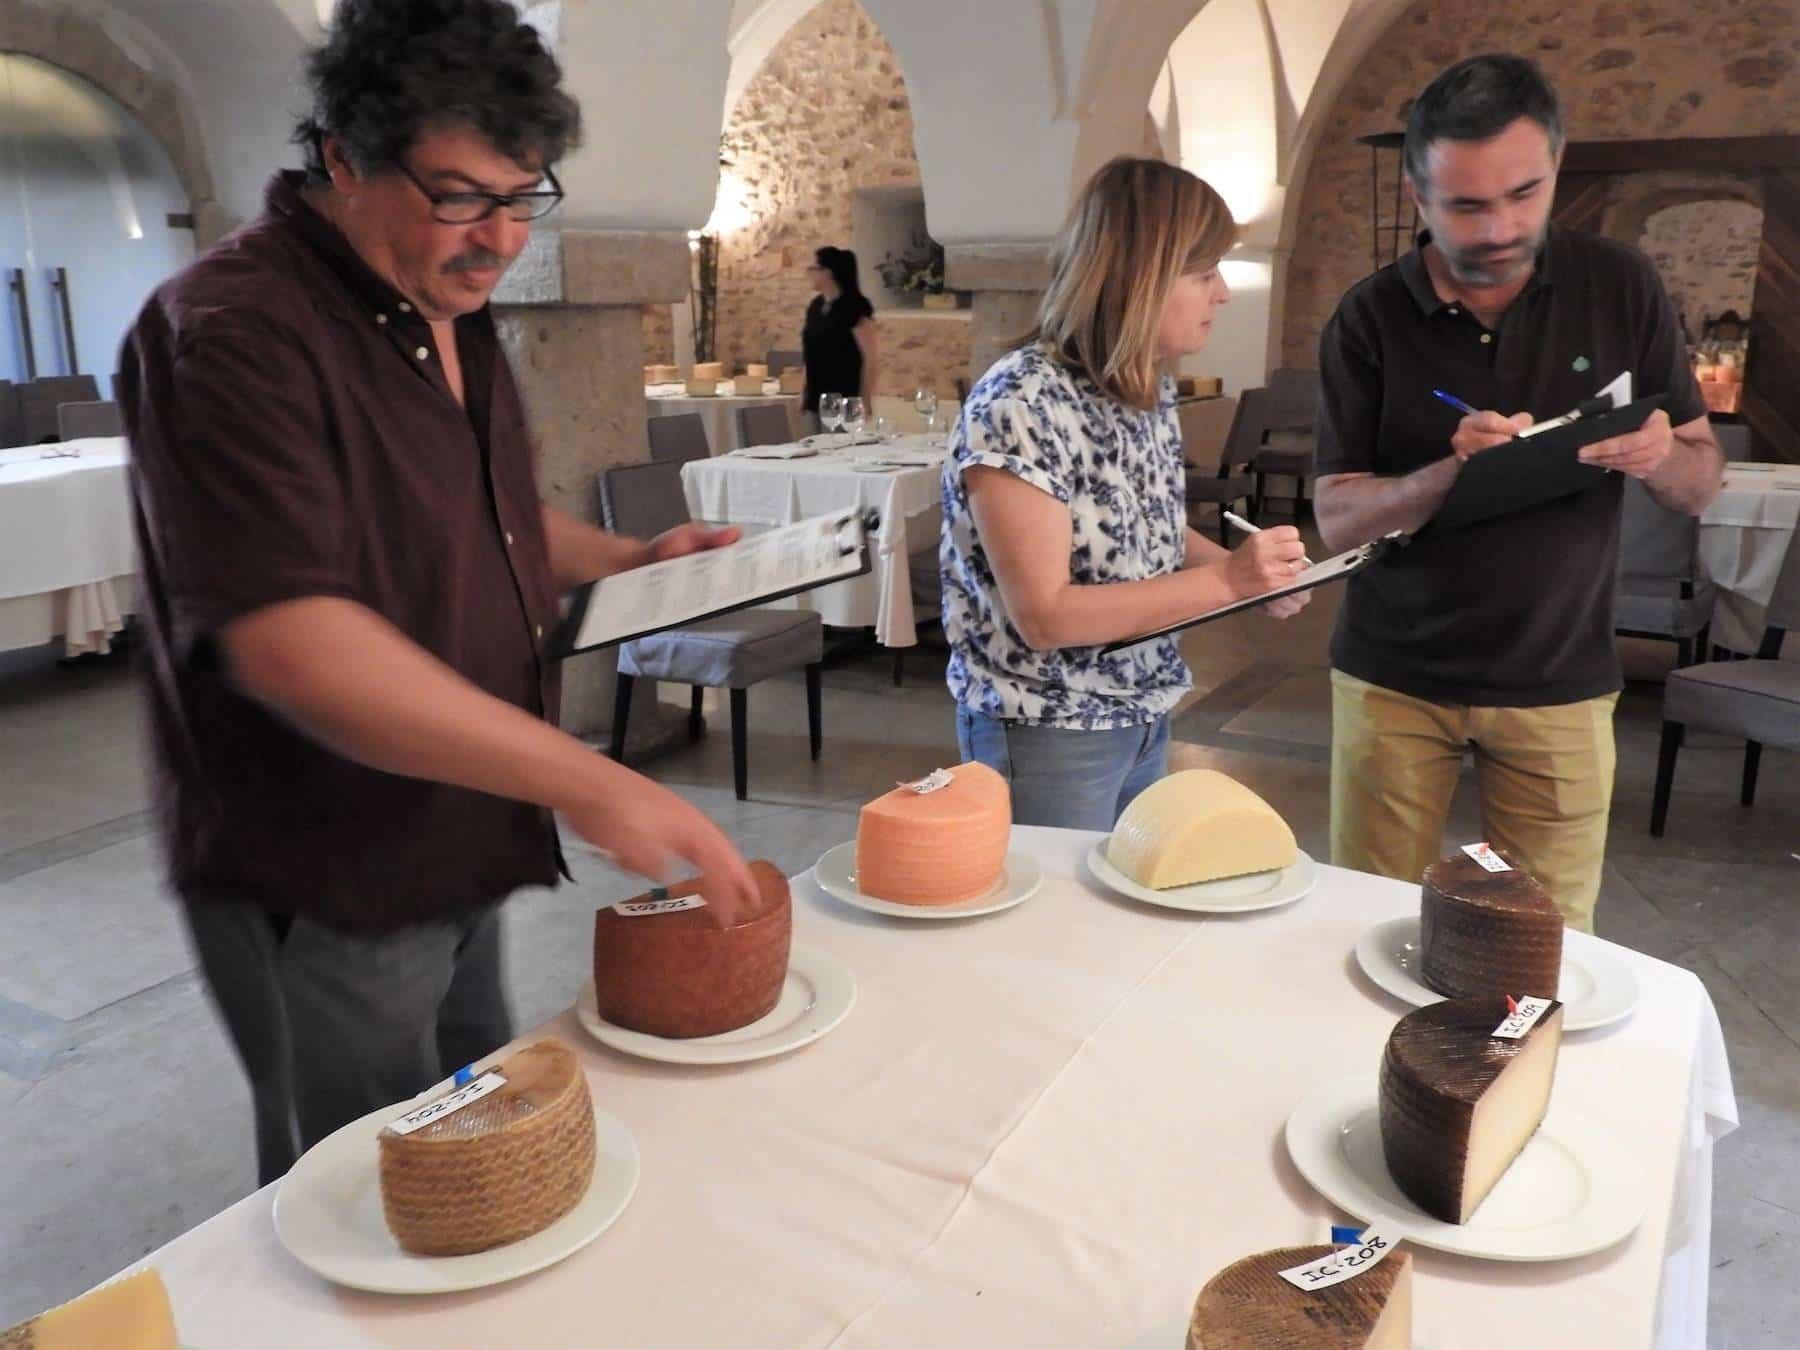 quesos manchegos premiados fercam manzanares 2 - Los quesos manchegos herencianos premiados en Fercam, los mejores entre los mejores